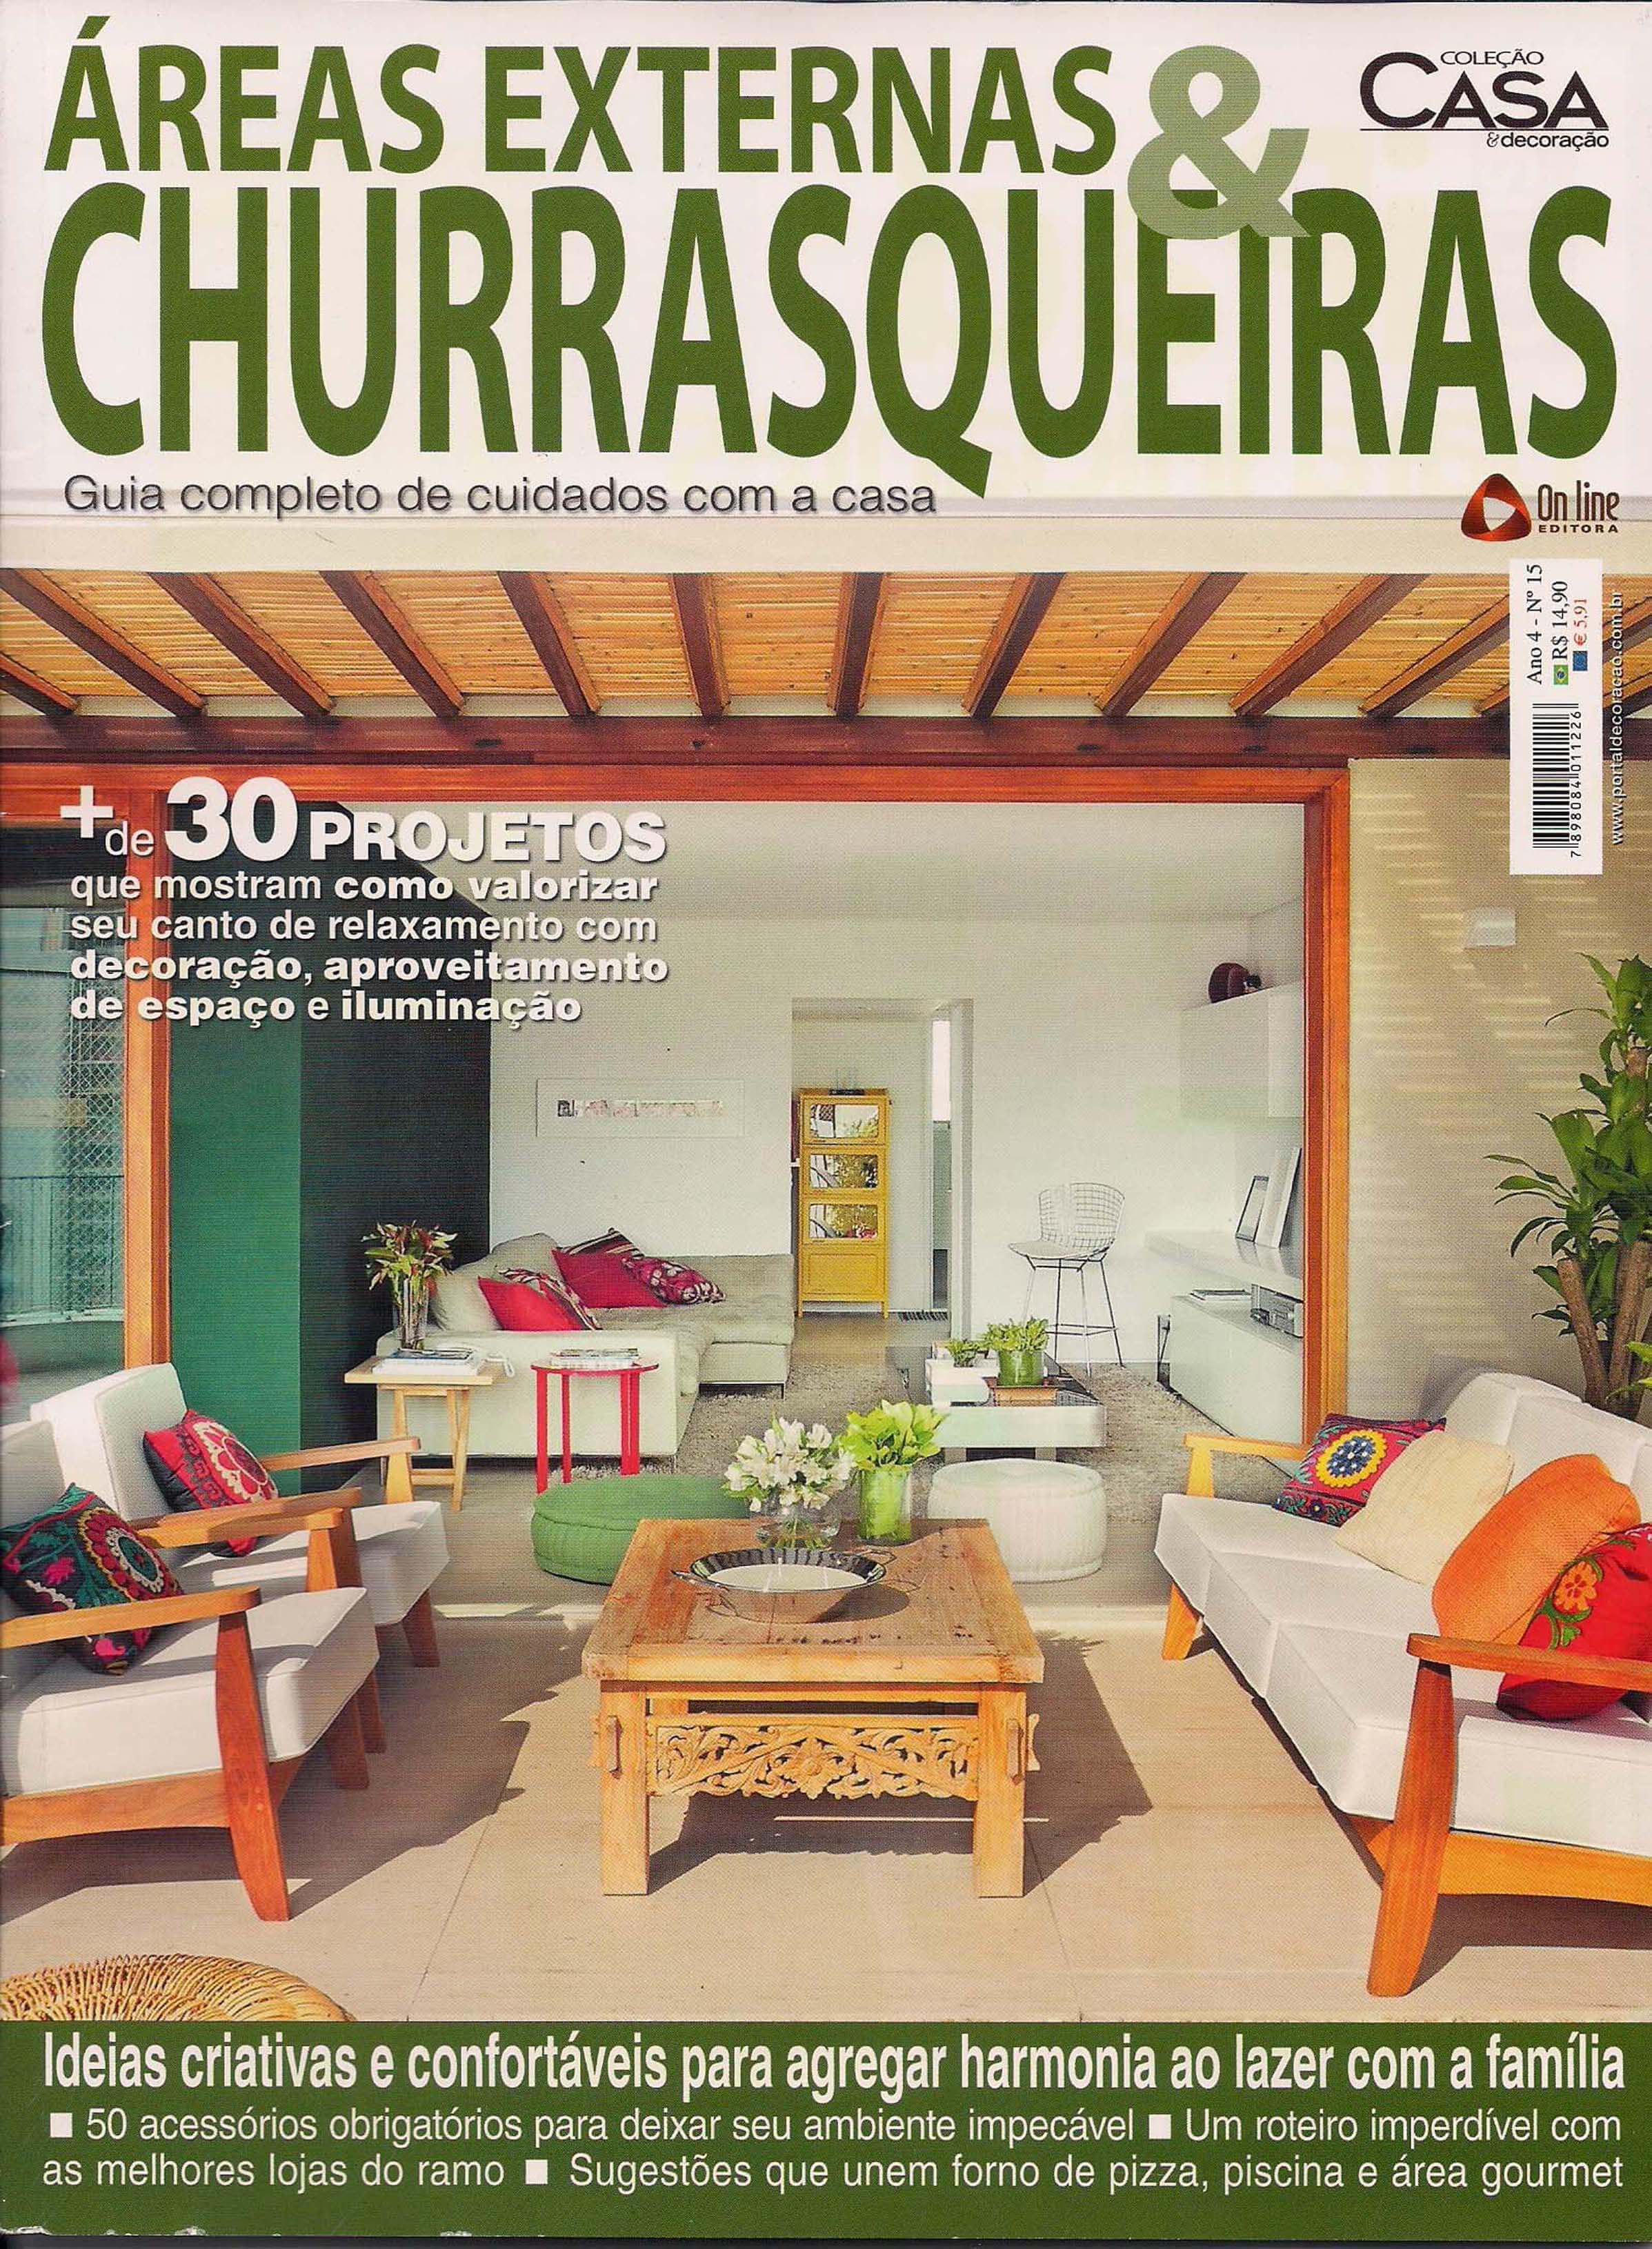 Áreas Externas & Churrasqueiras  - mar  2013 - 1Capa